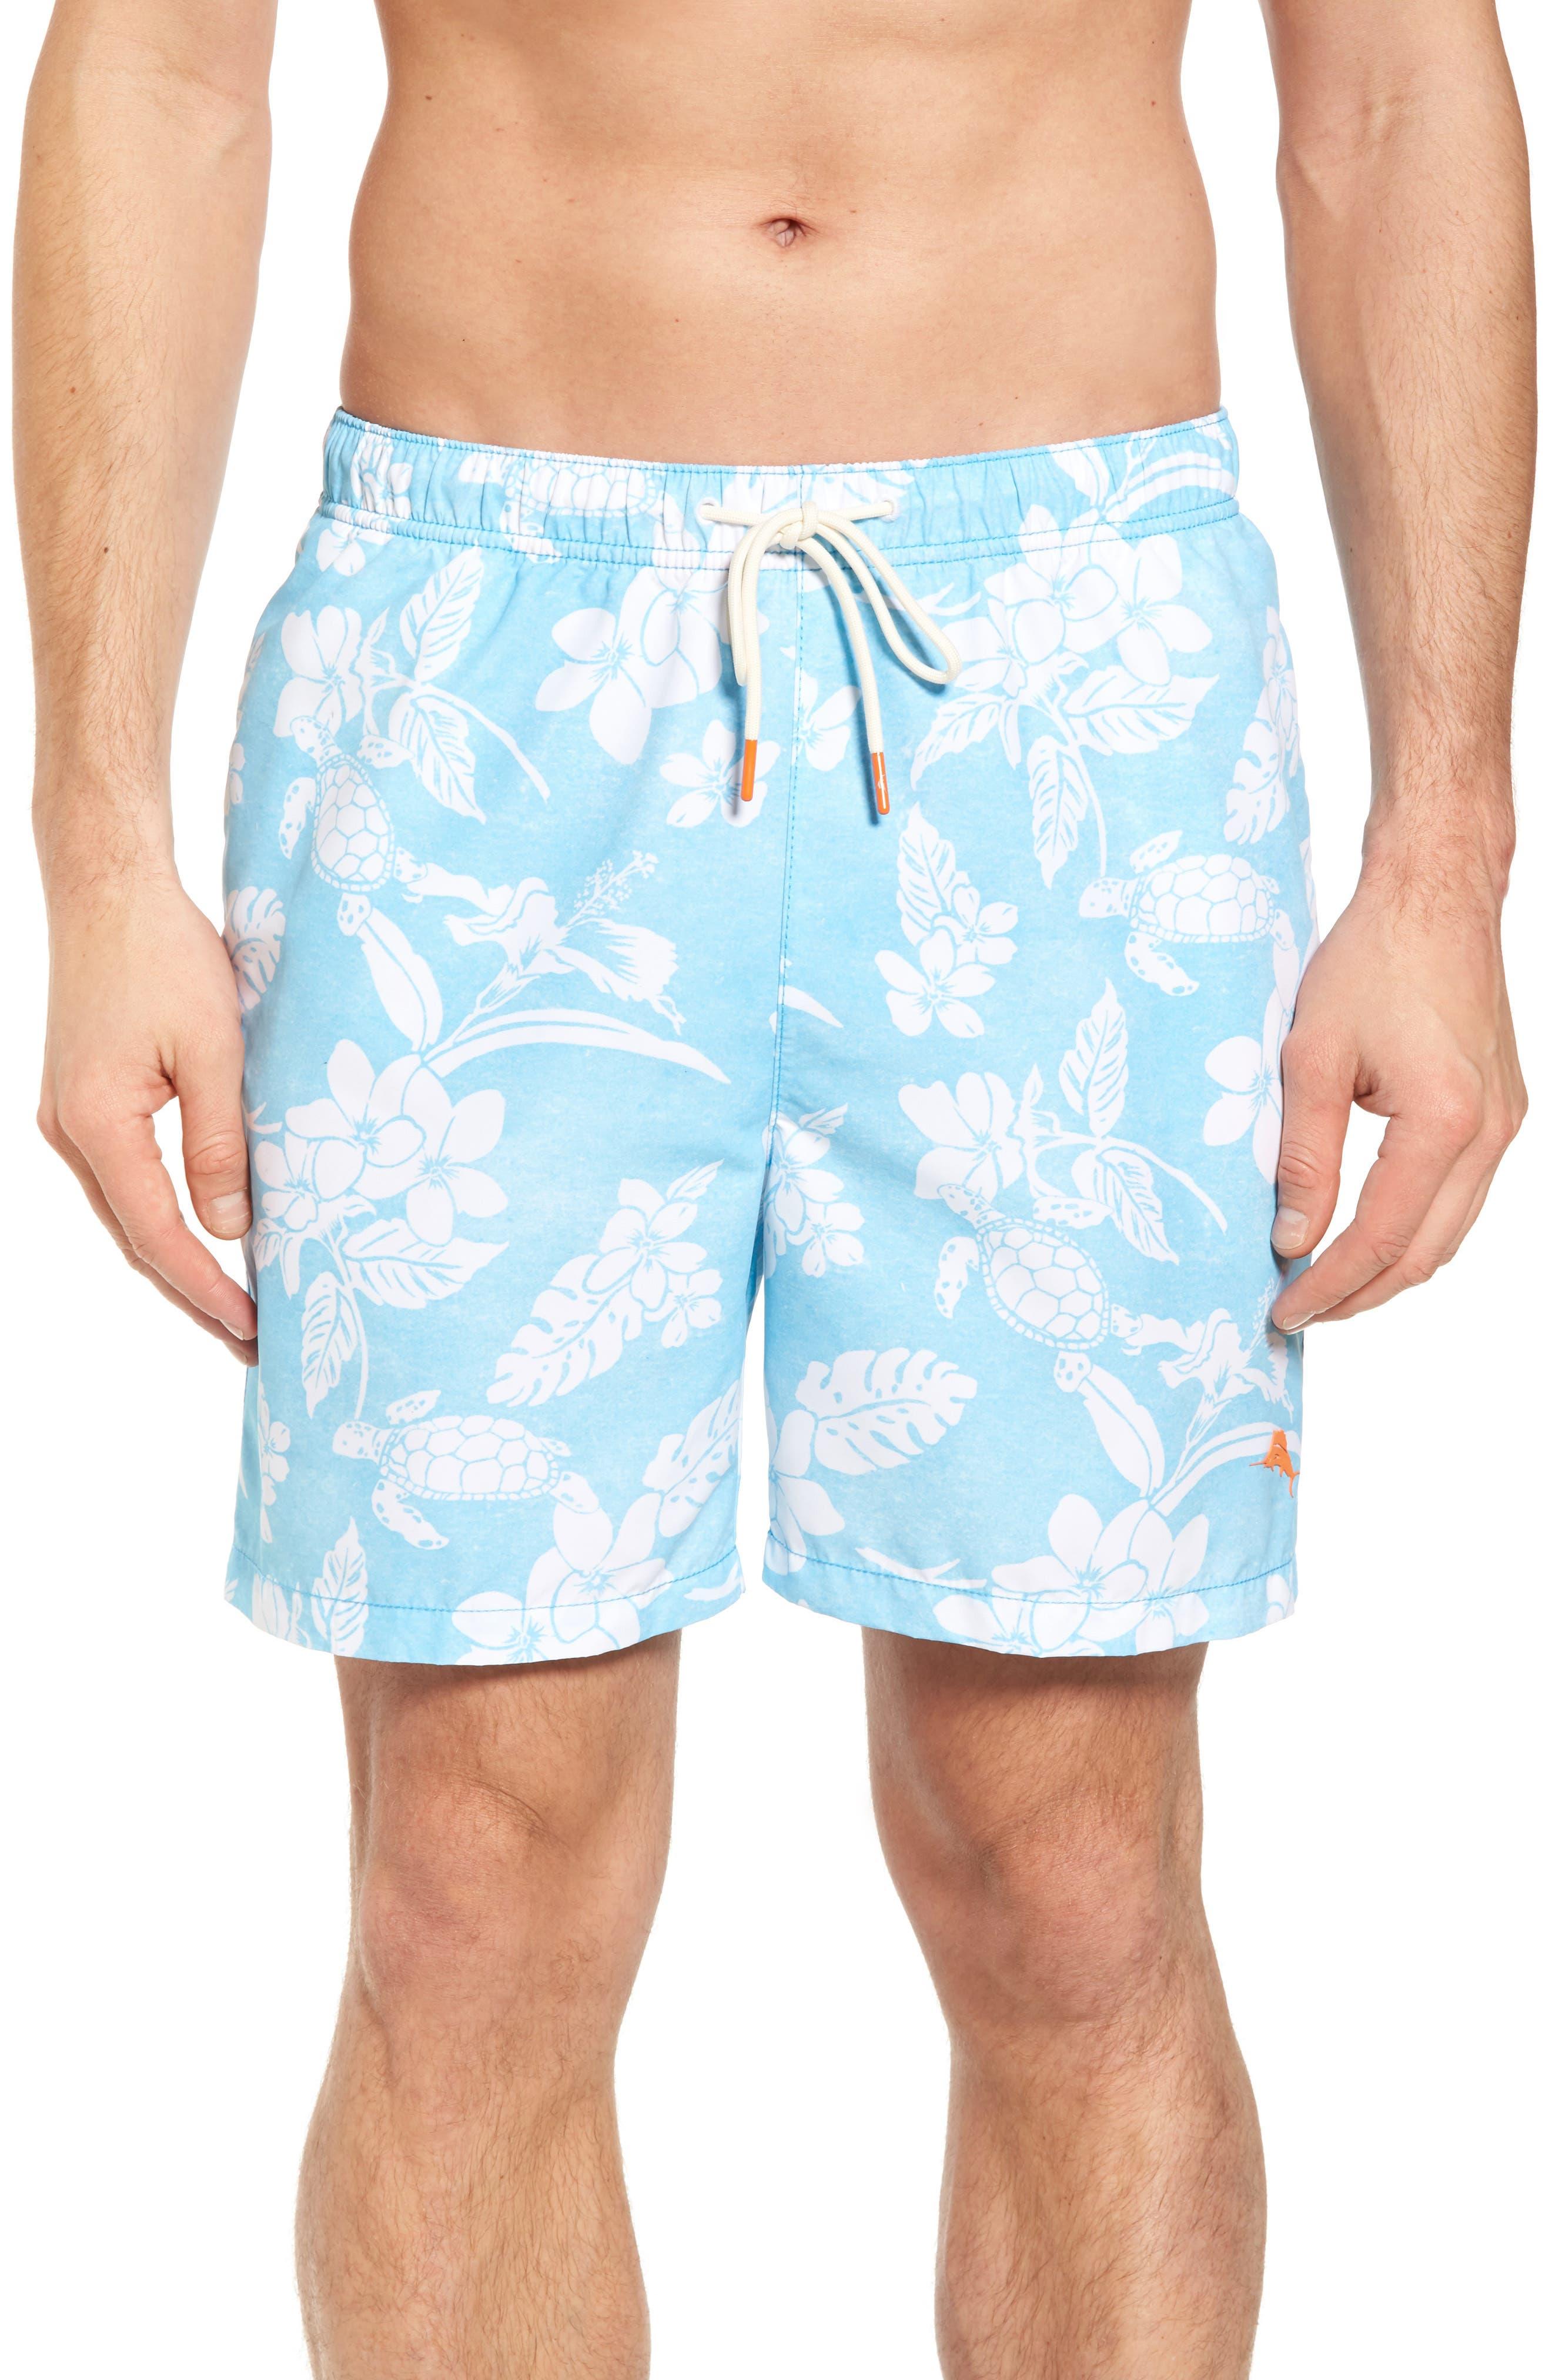 Naples Turtle Beach Swim Trunks,                             Main thumbnail 1, color,                             Breeze Blue